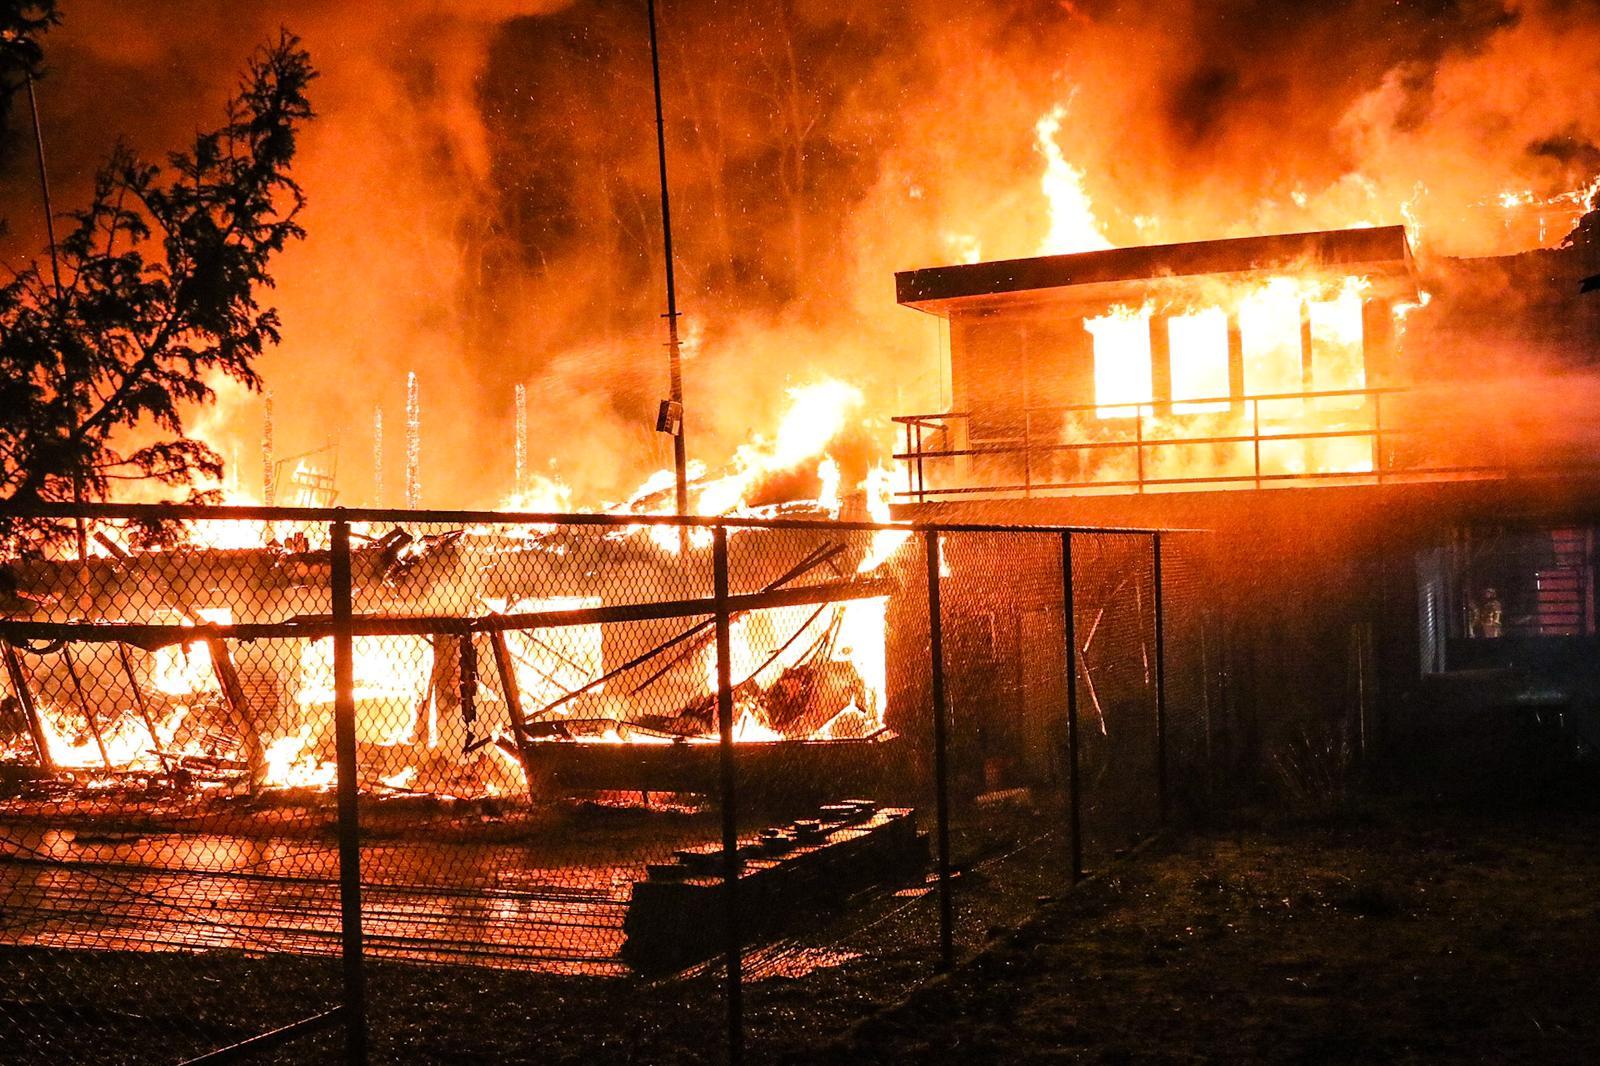 Clubhuis van tennisvereniging De Manege volledig uitgebrand